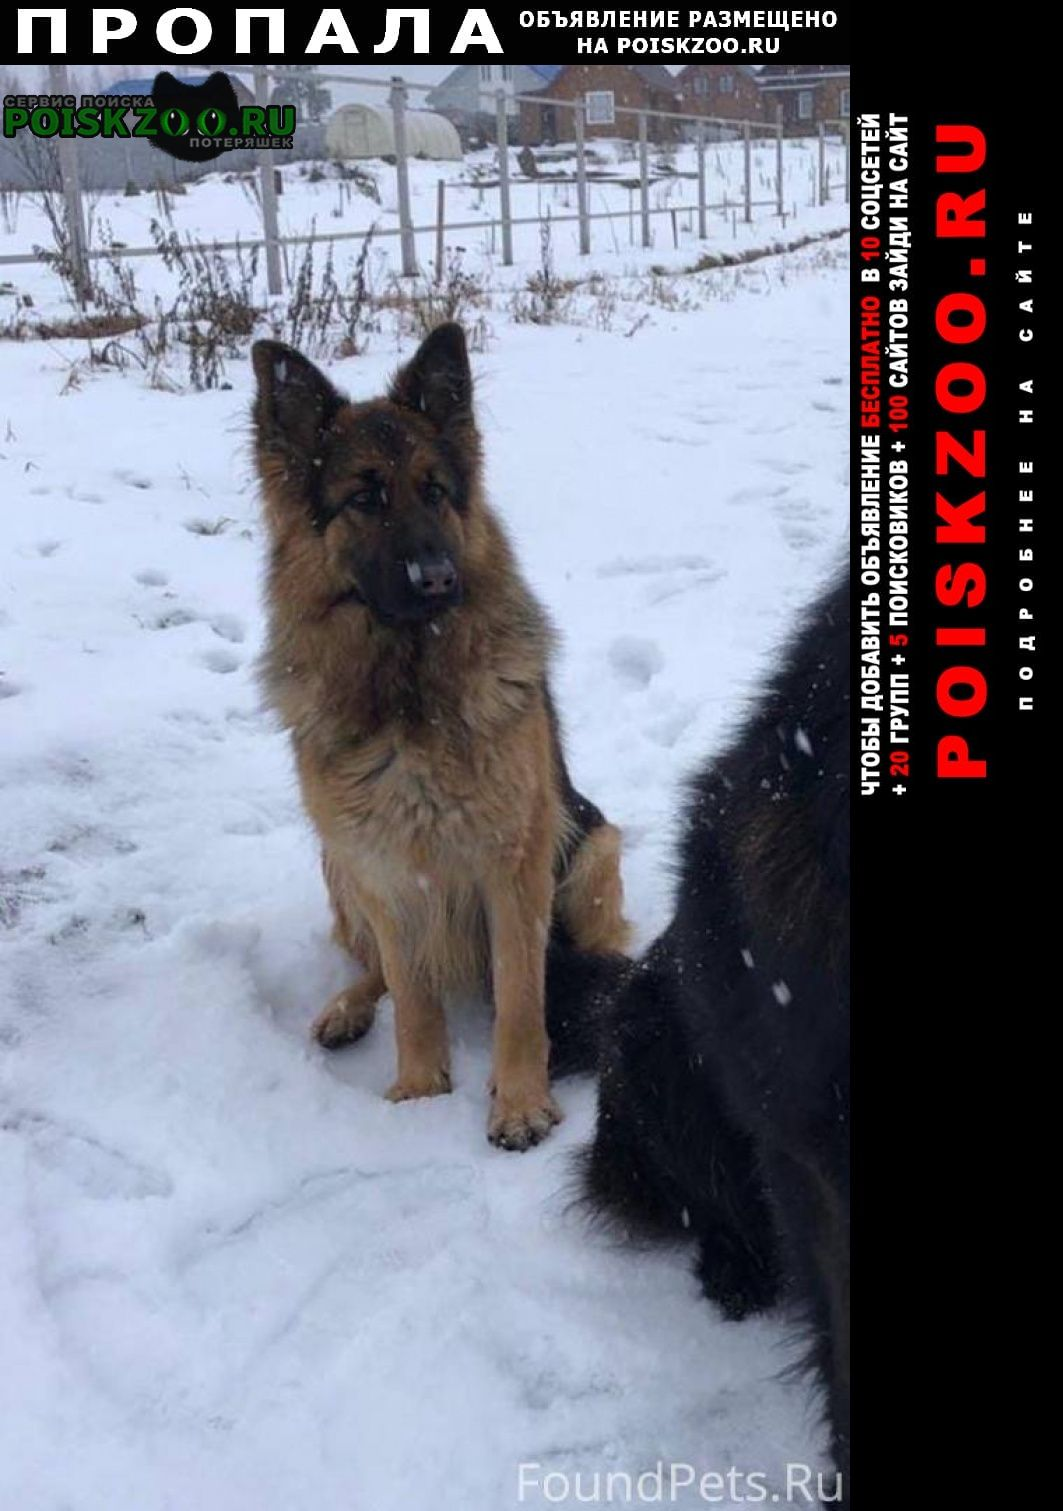 Пропала собака срочно   Вологда